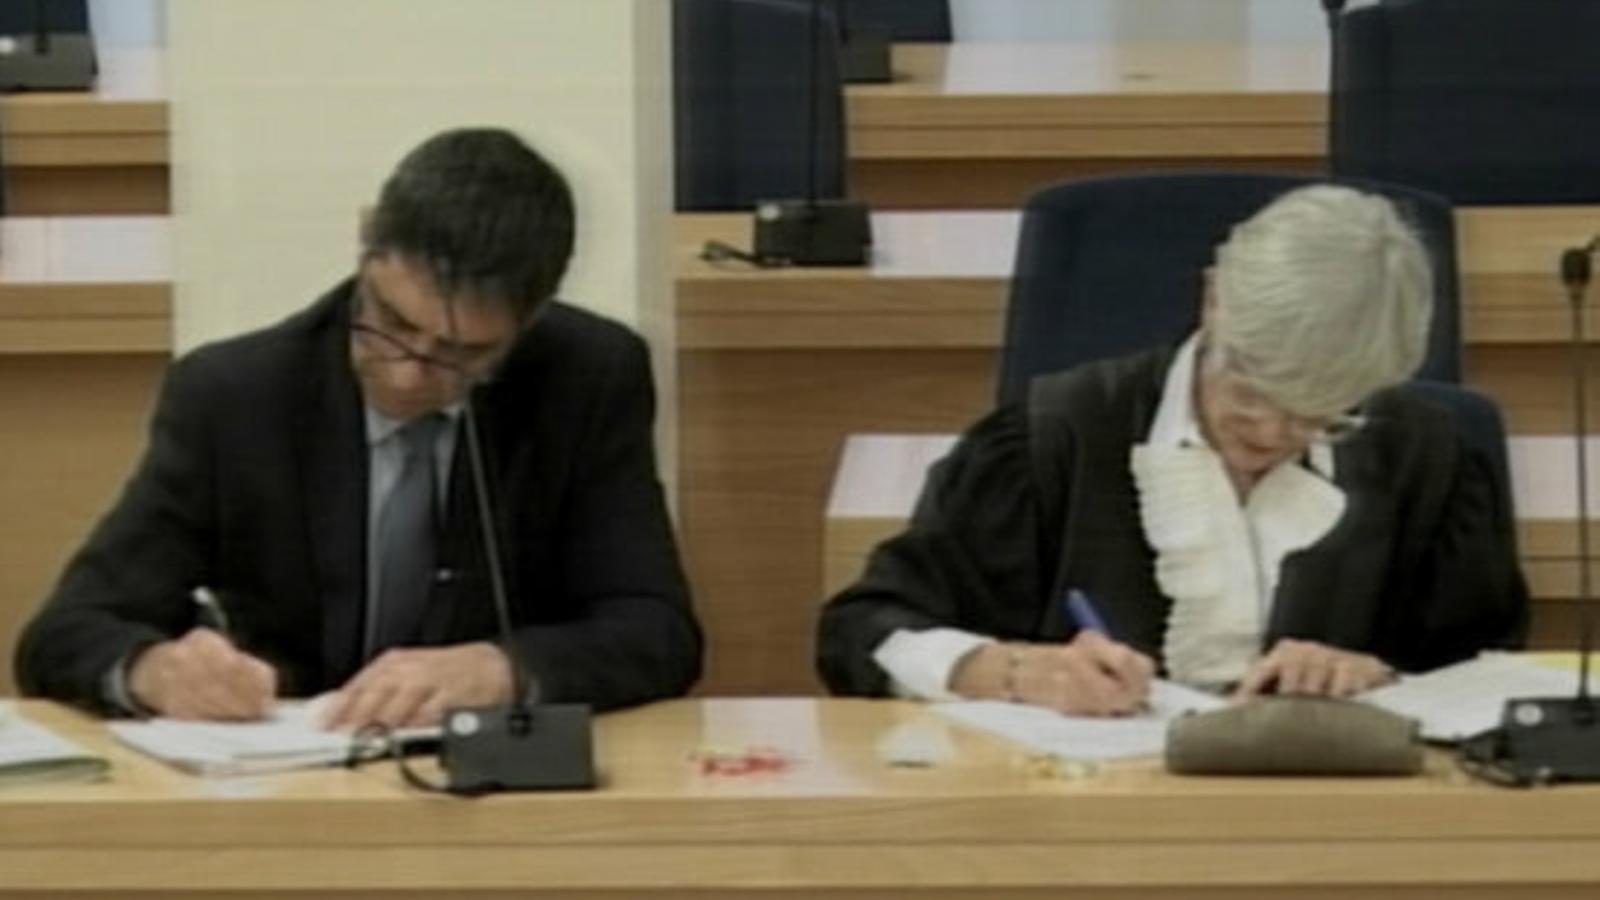 Josep Lluís Trapero i la seva advocada, Olga Tubau, al judici